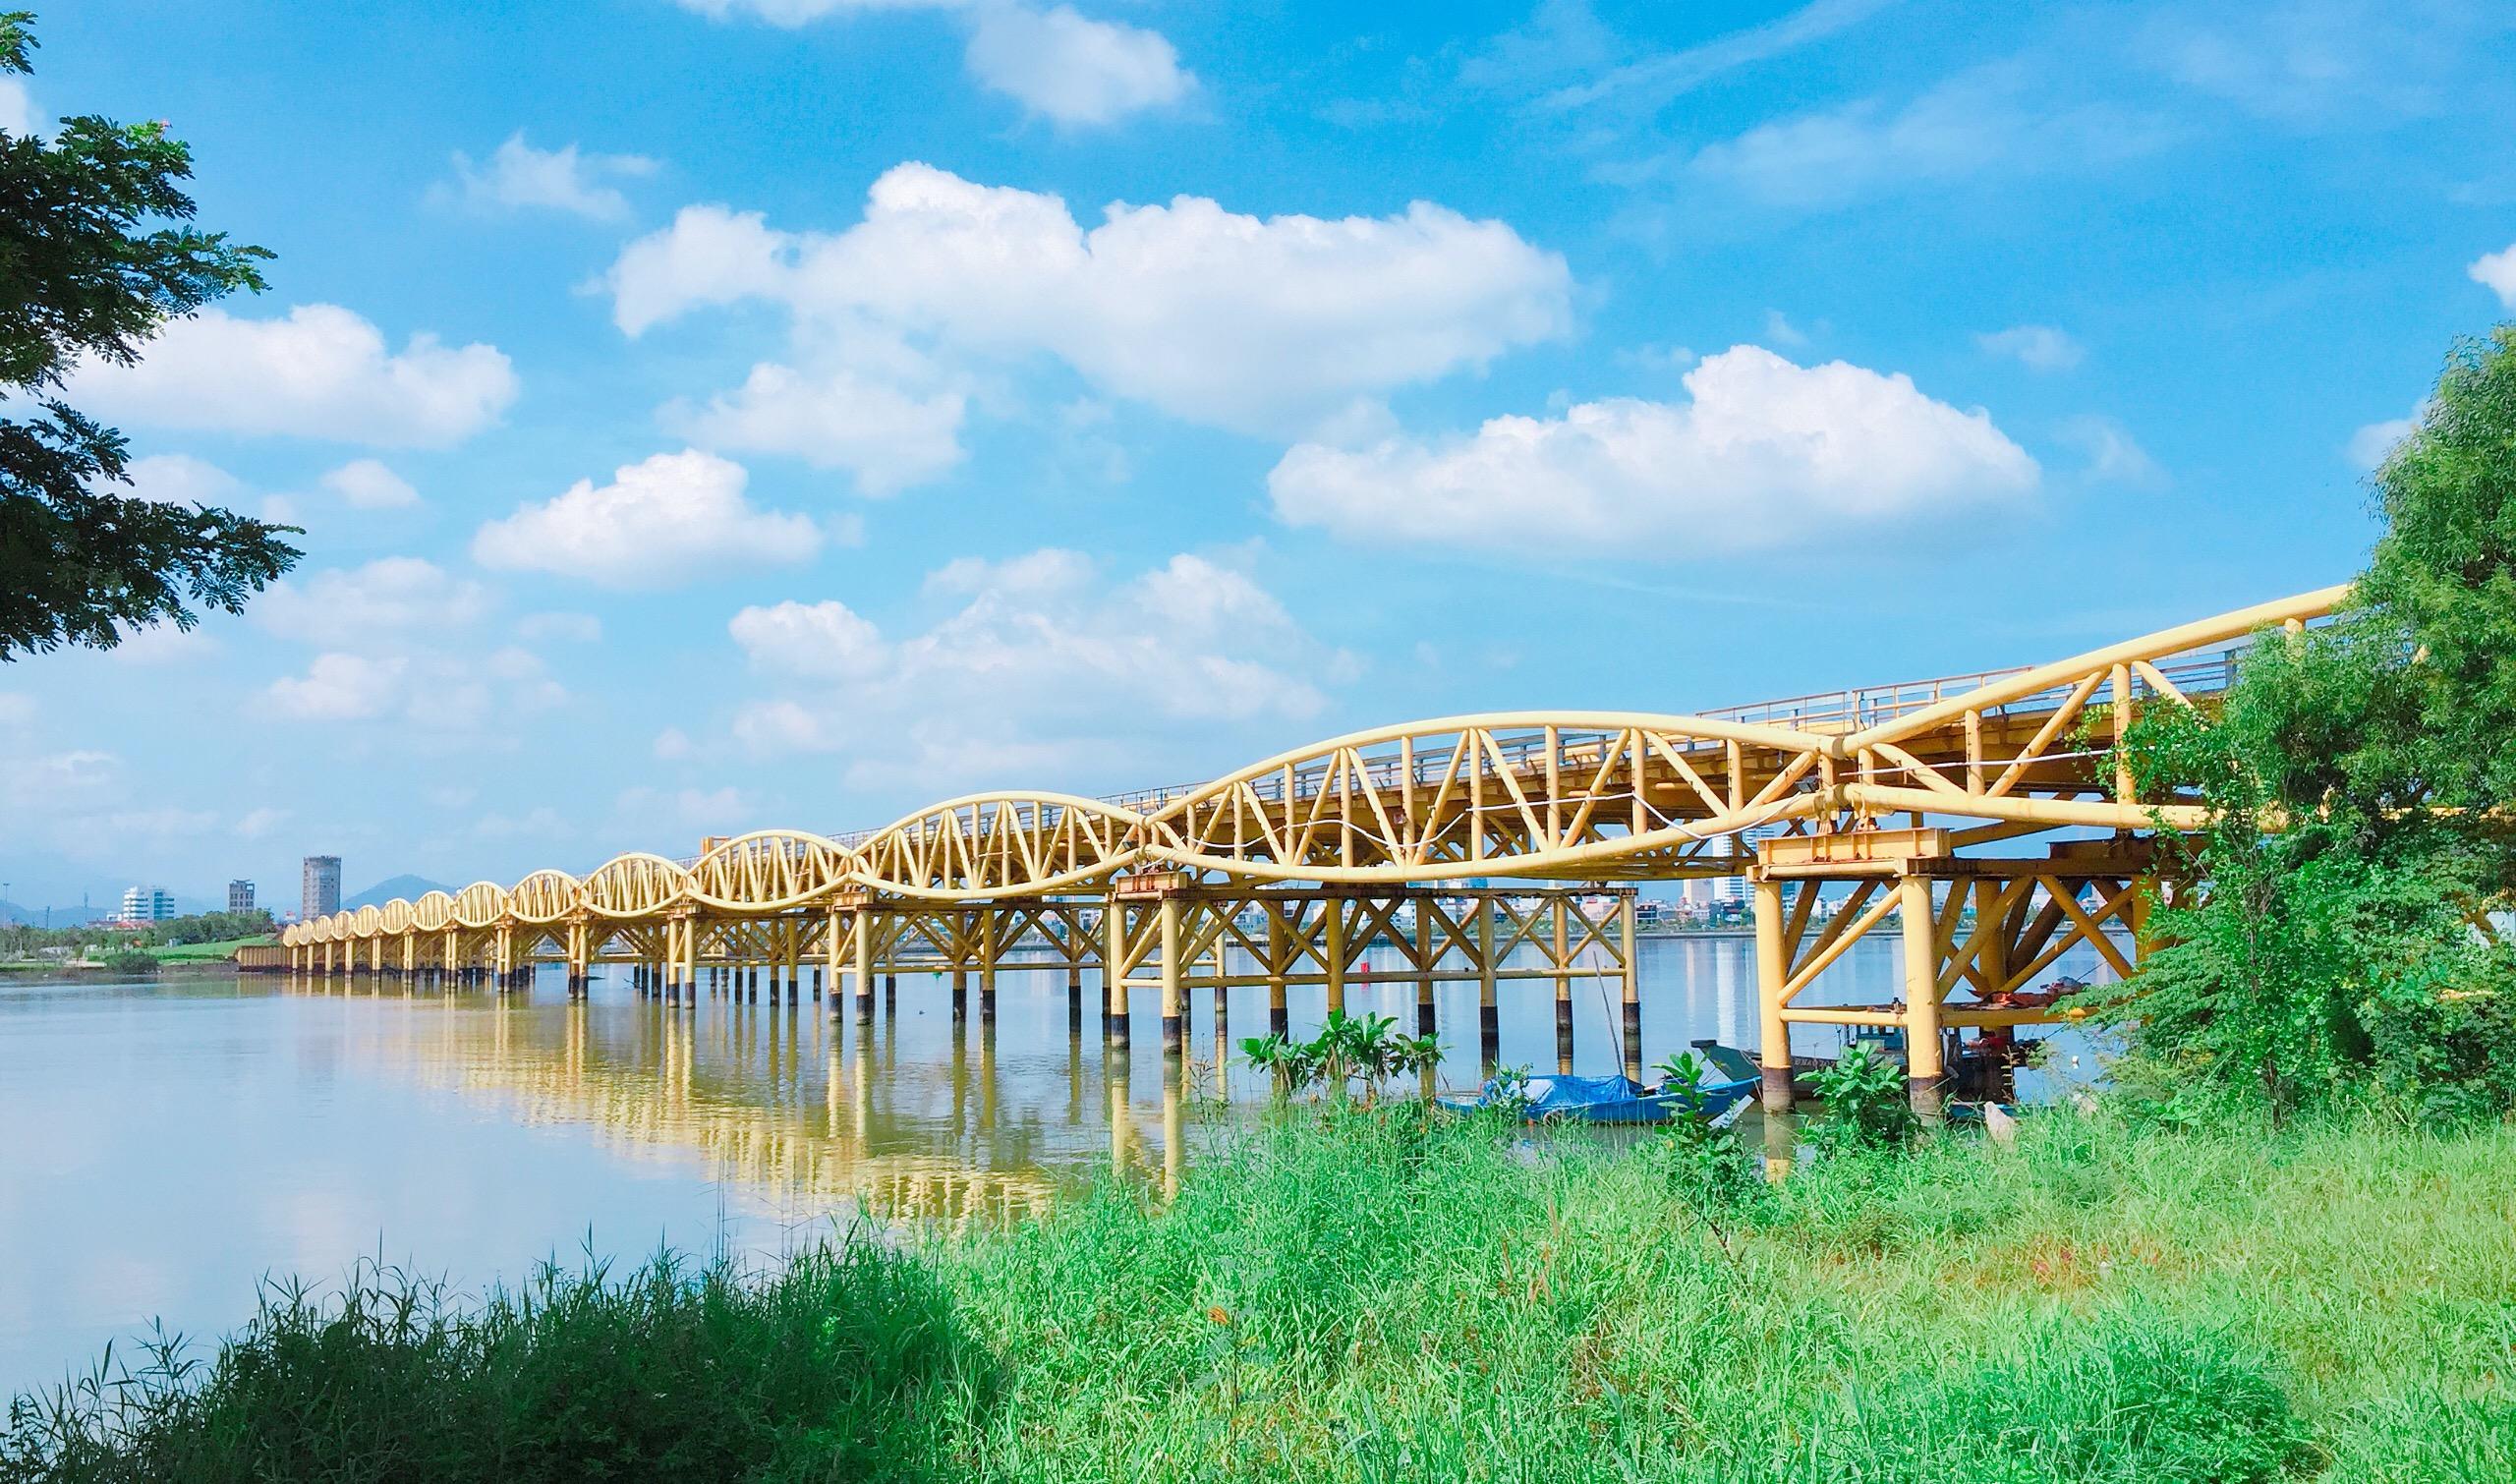 Cận cảnh khu vực ven sông Hàn Đà Nẵng làm phố đi bộ - Ảnh 10.